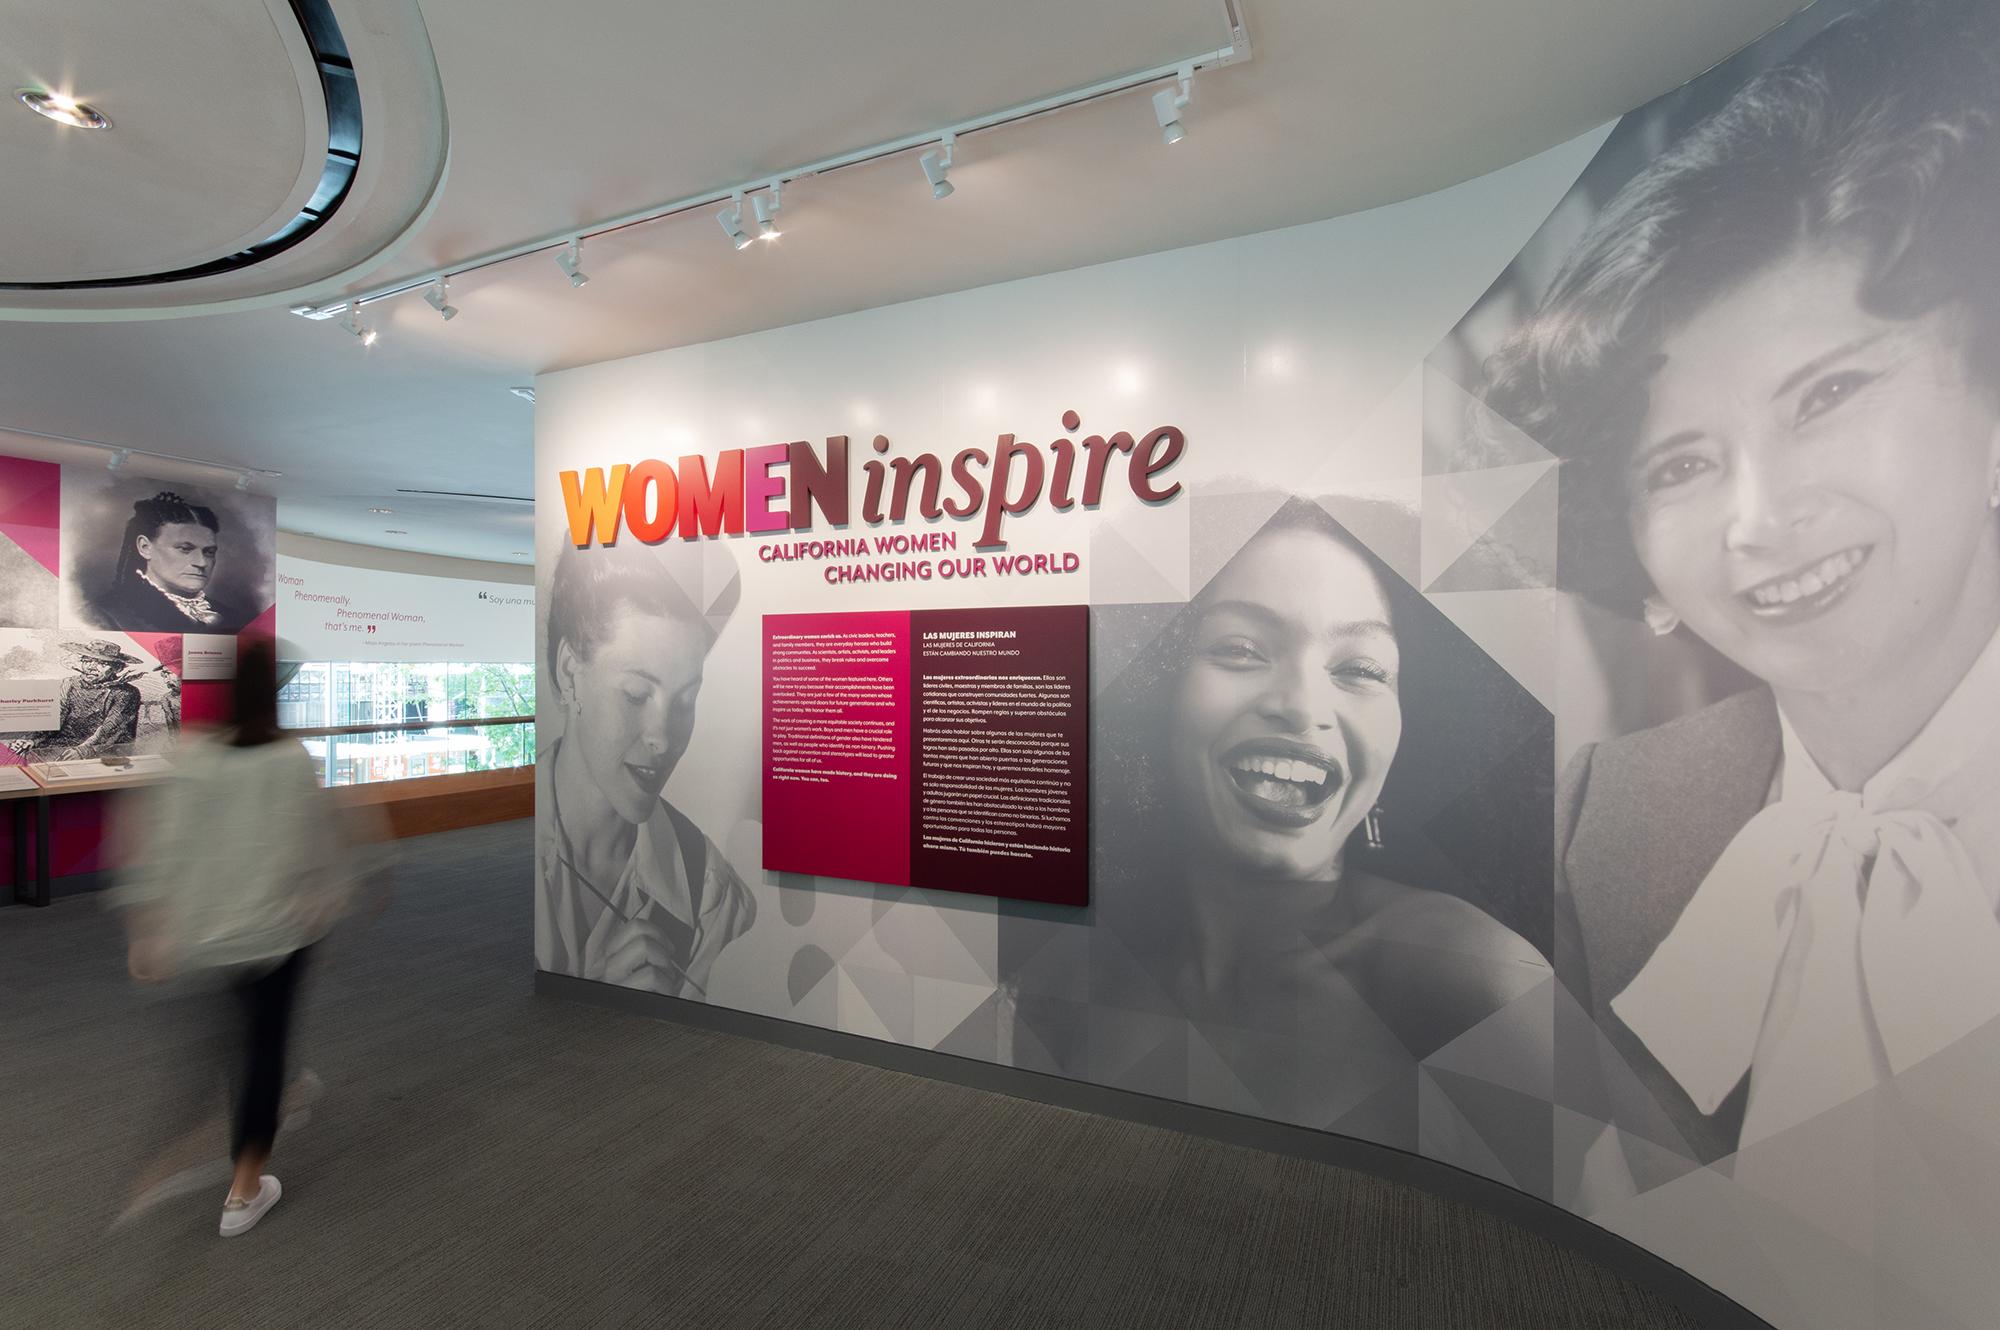 WOMEN Inspire: California Women Changing Our World